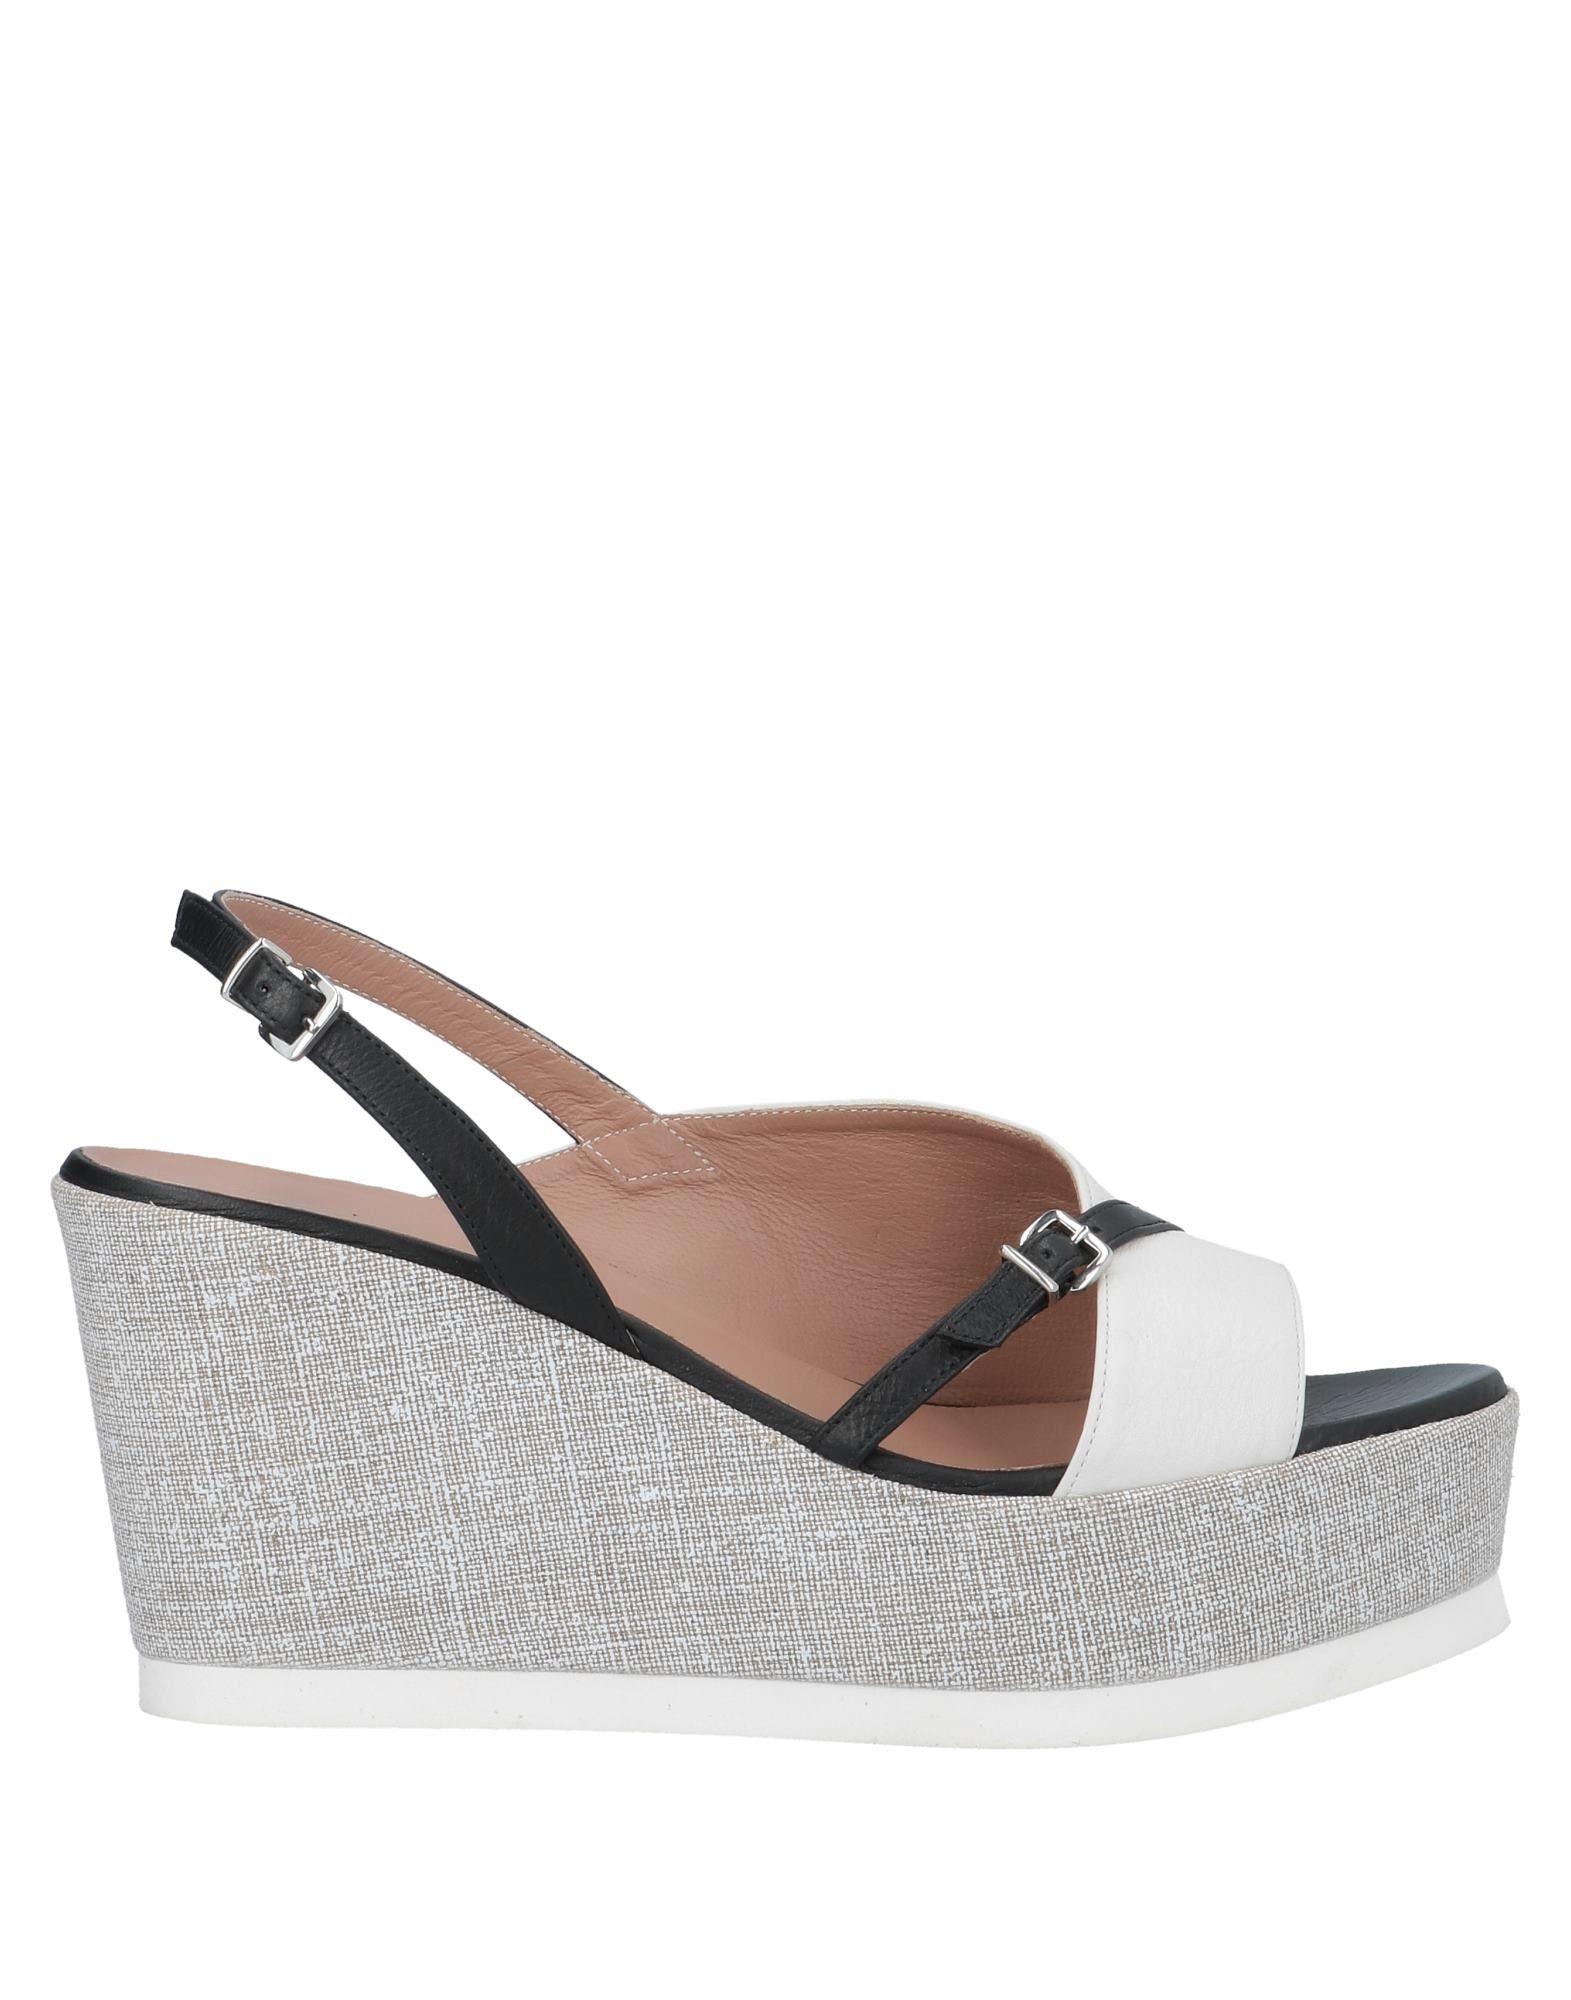 GIANMARCO SORELLI | GIANMARCO SORELLI Sandals 11713037 | Goxip